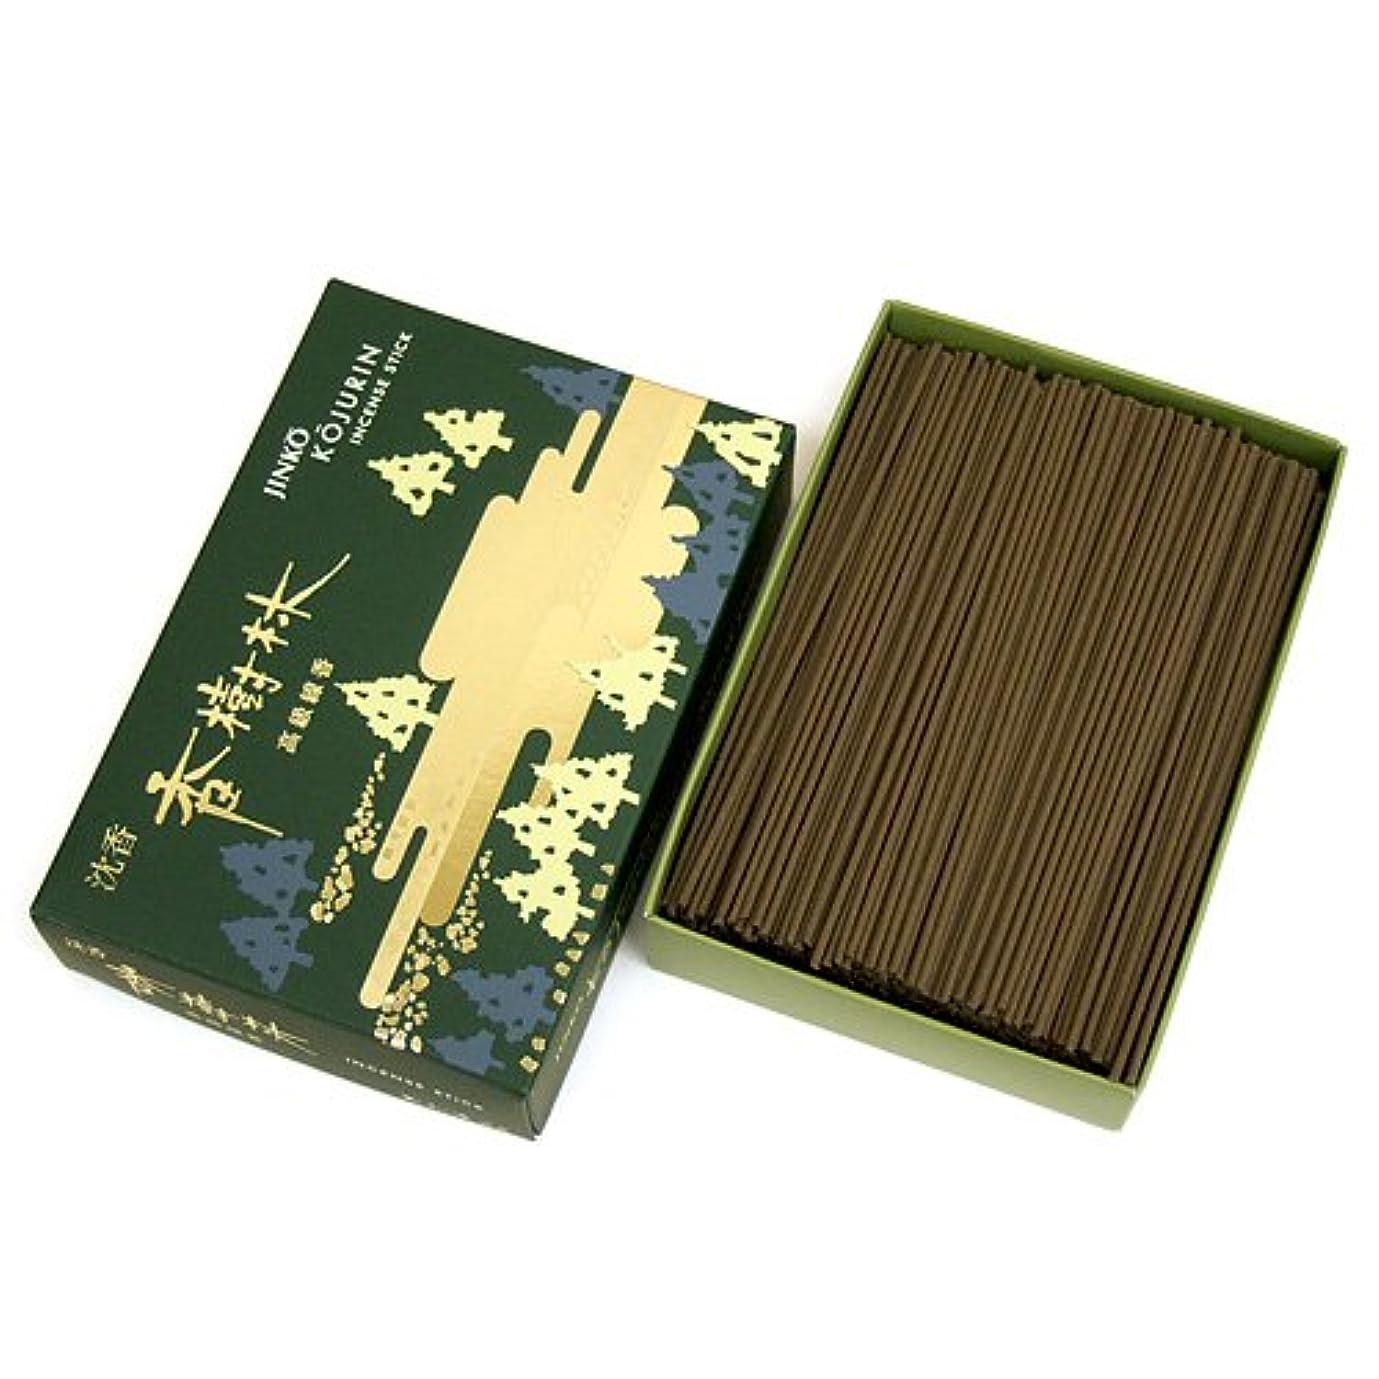 見つけた事実上オーバーフロー家庭用線香 沈香 香樹林 短寸 徳用大型箱(箱寸法15×10.5×3.5cm)◆爽やかな沈香の香りのお線香(玉初堂)